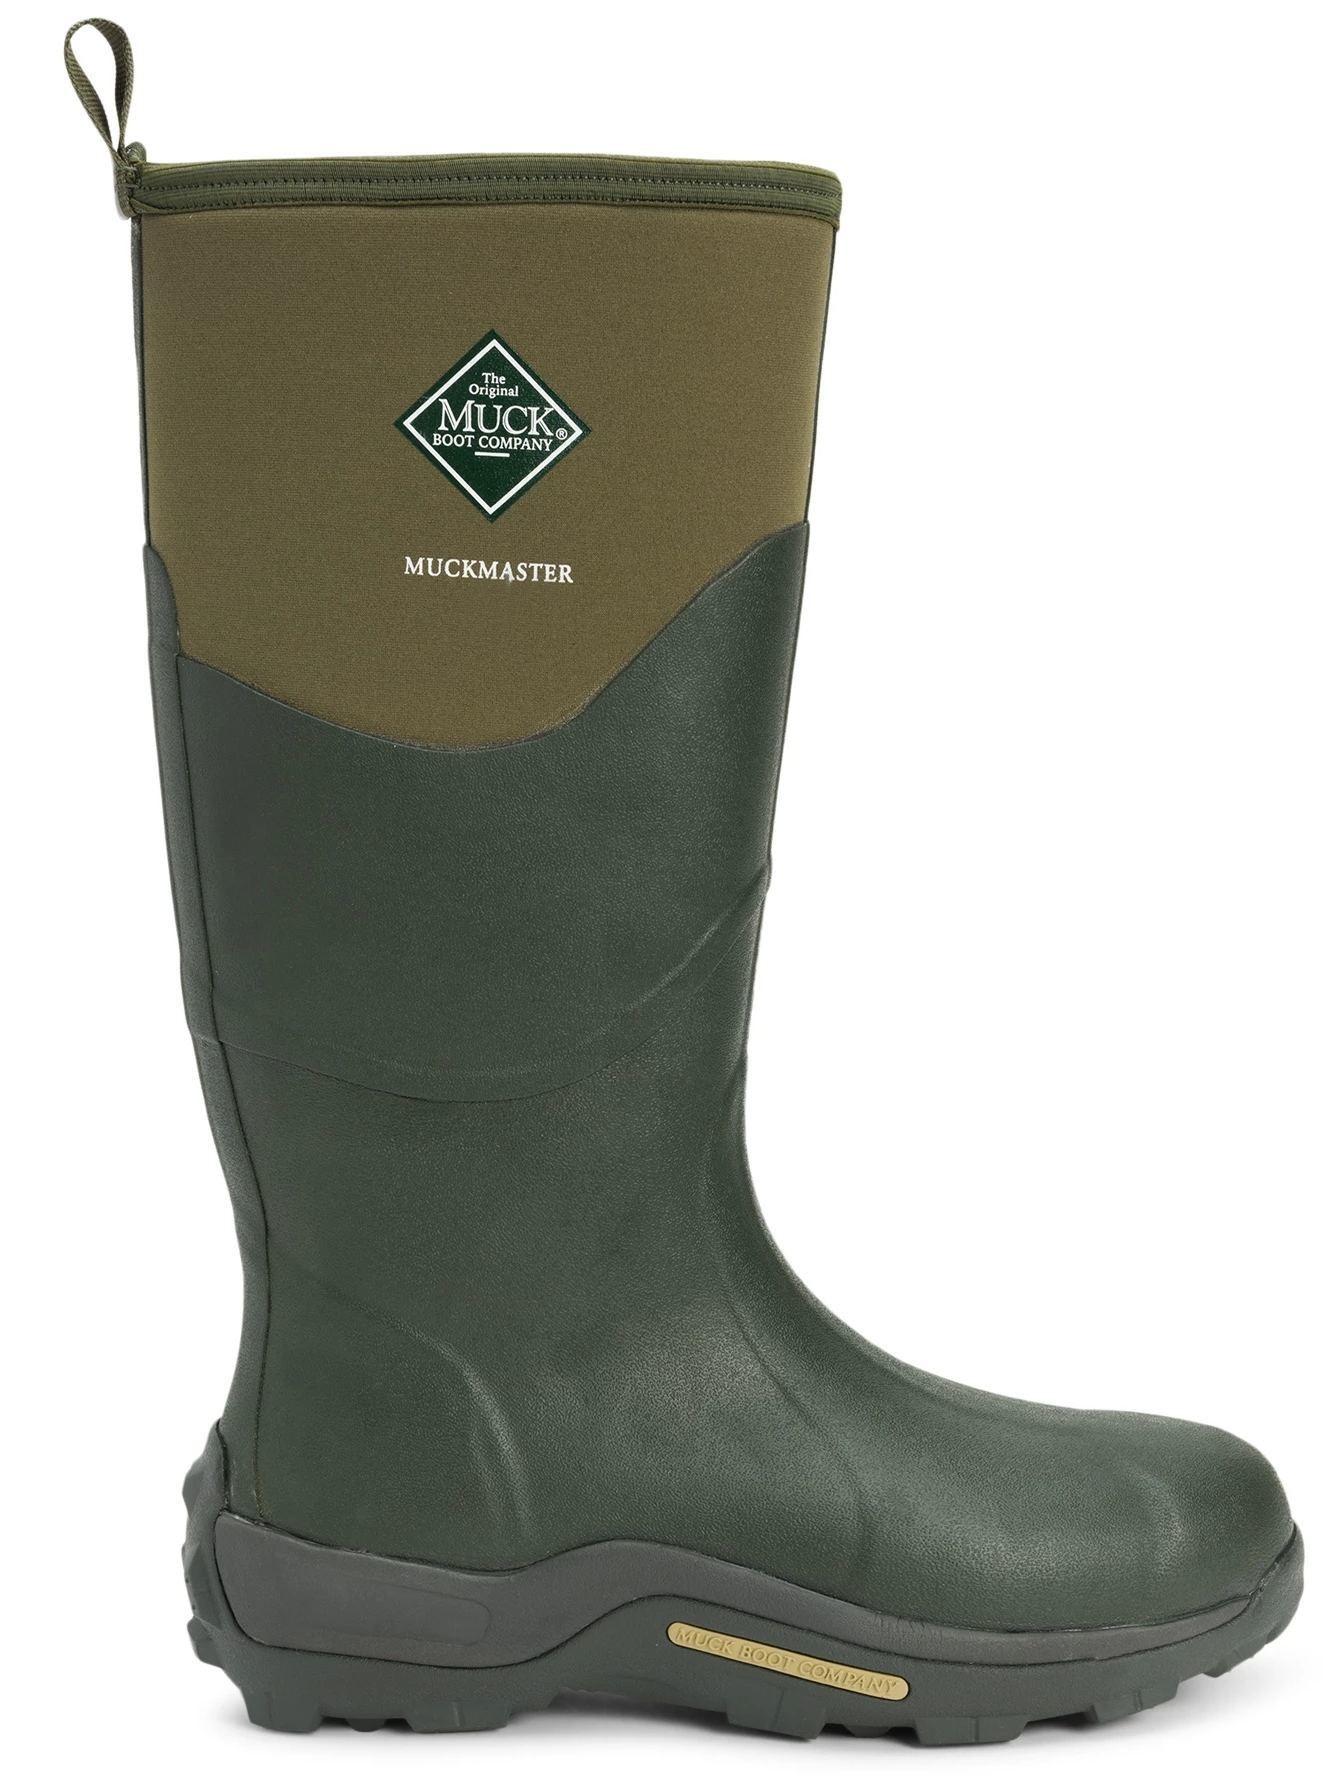 Muck Boot Muckmaster Moss | Premium